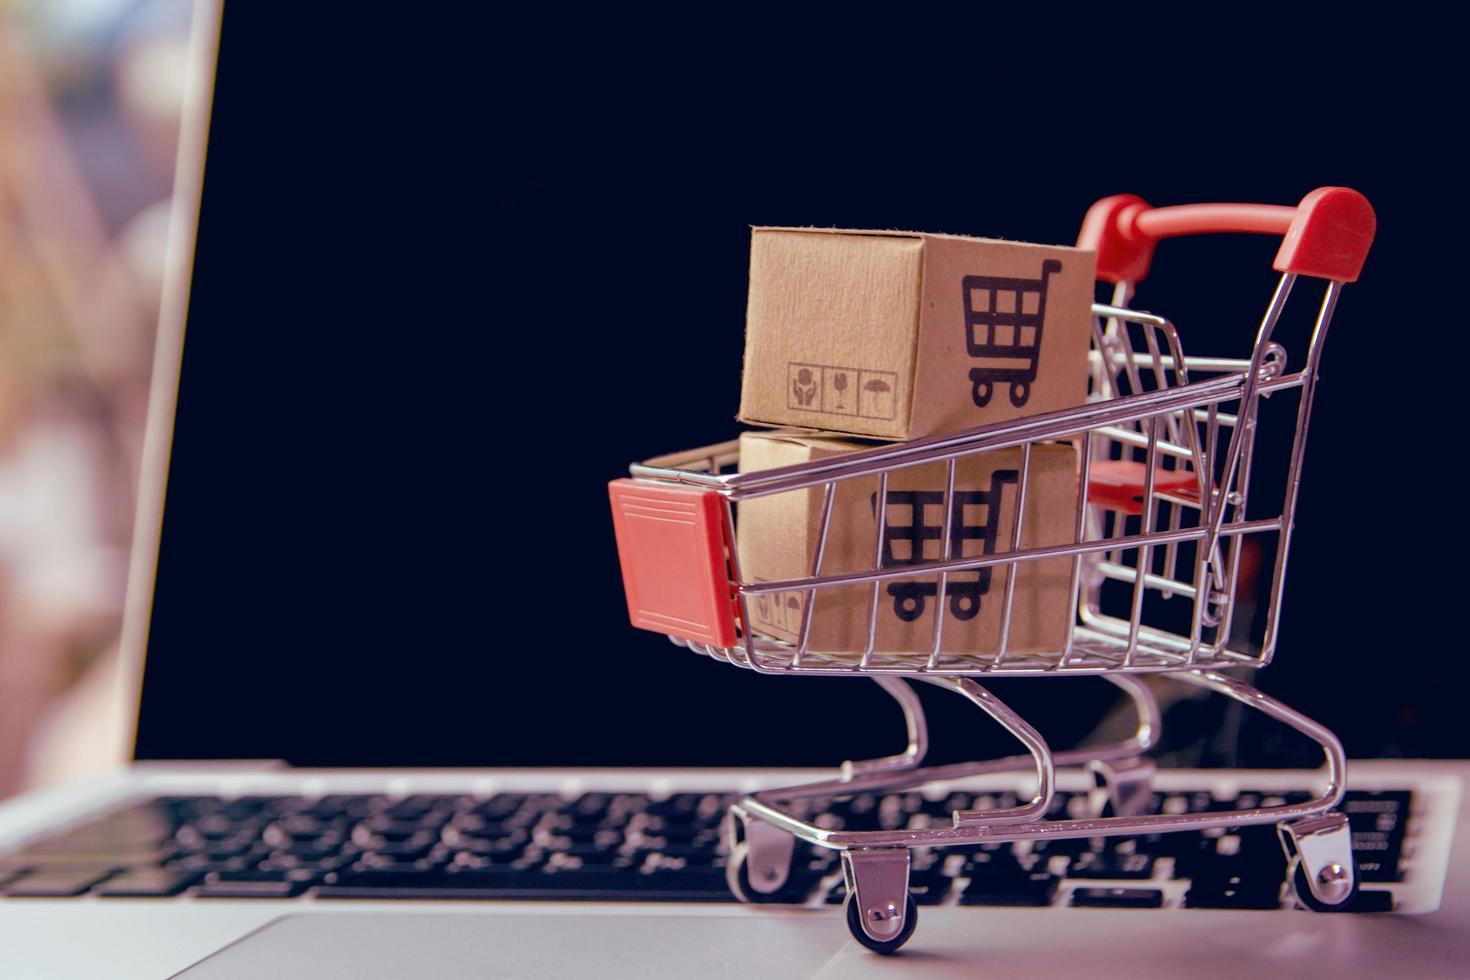 närbild av miniatyr kundvagn på bärbar dator foto